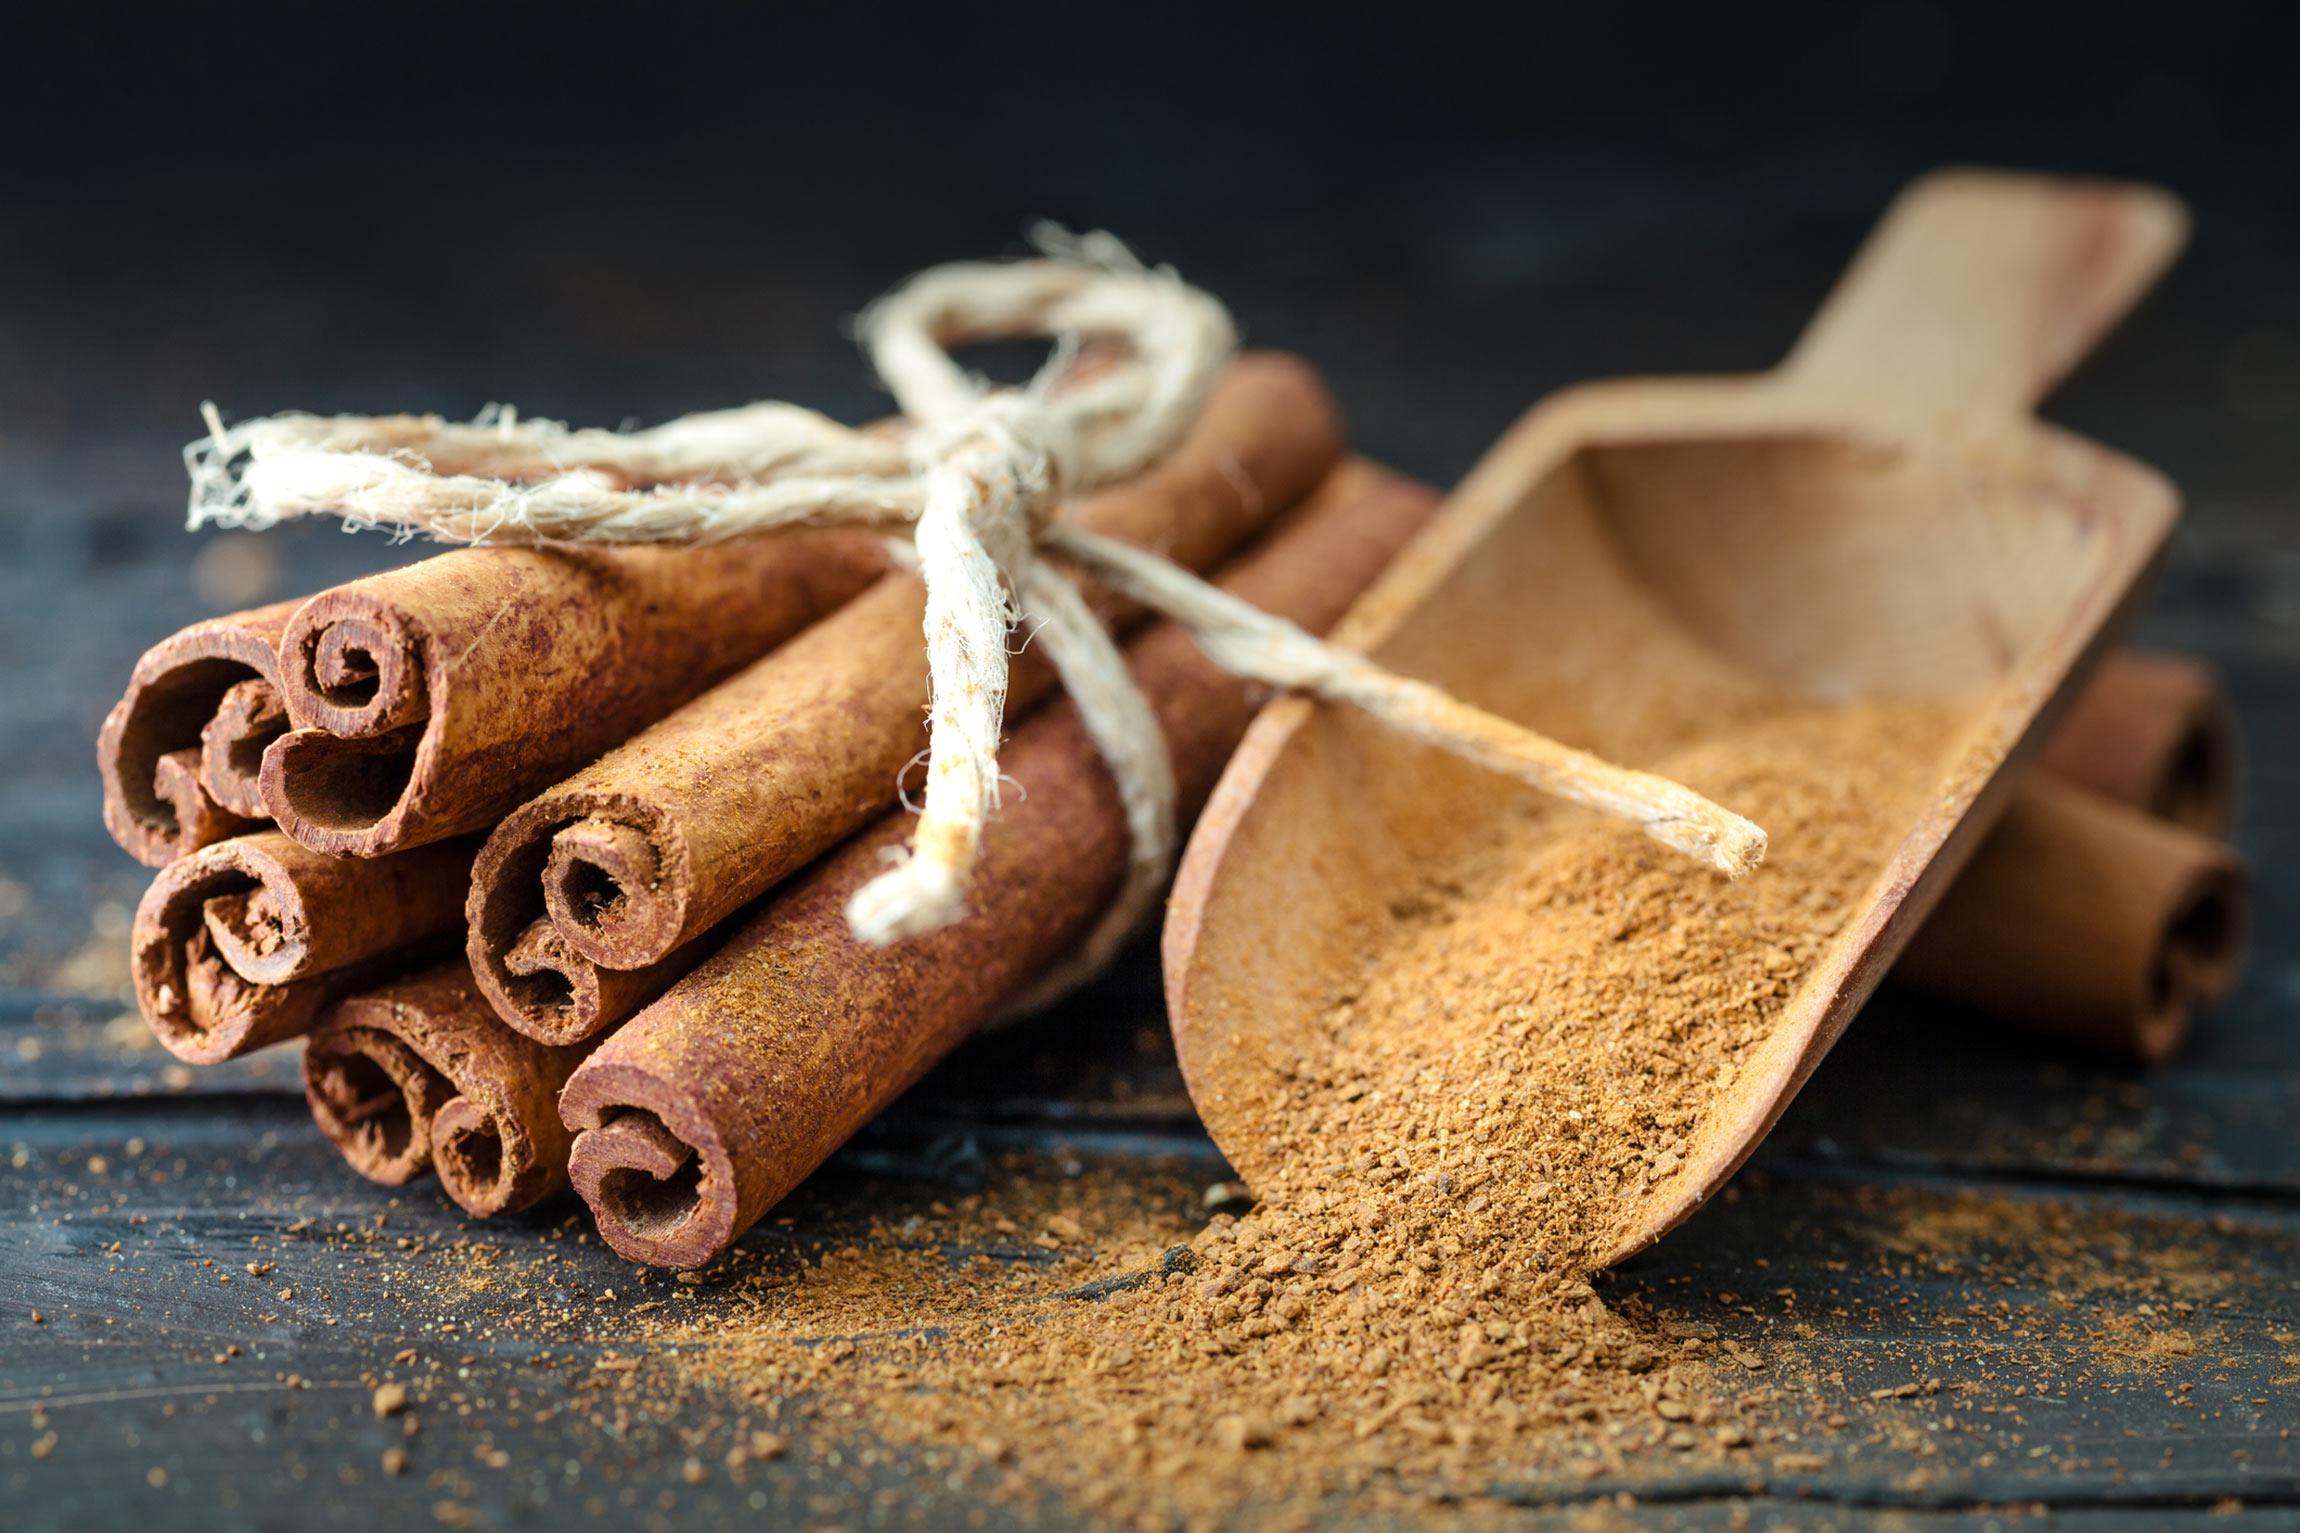 Health spices: cinnamon